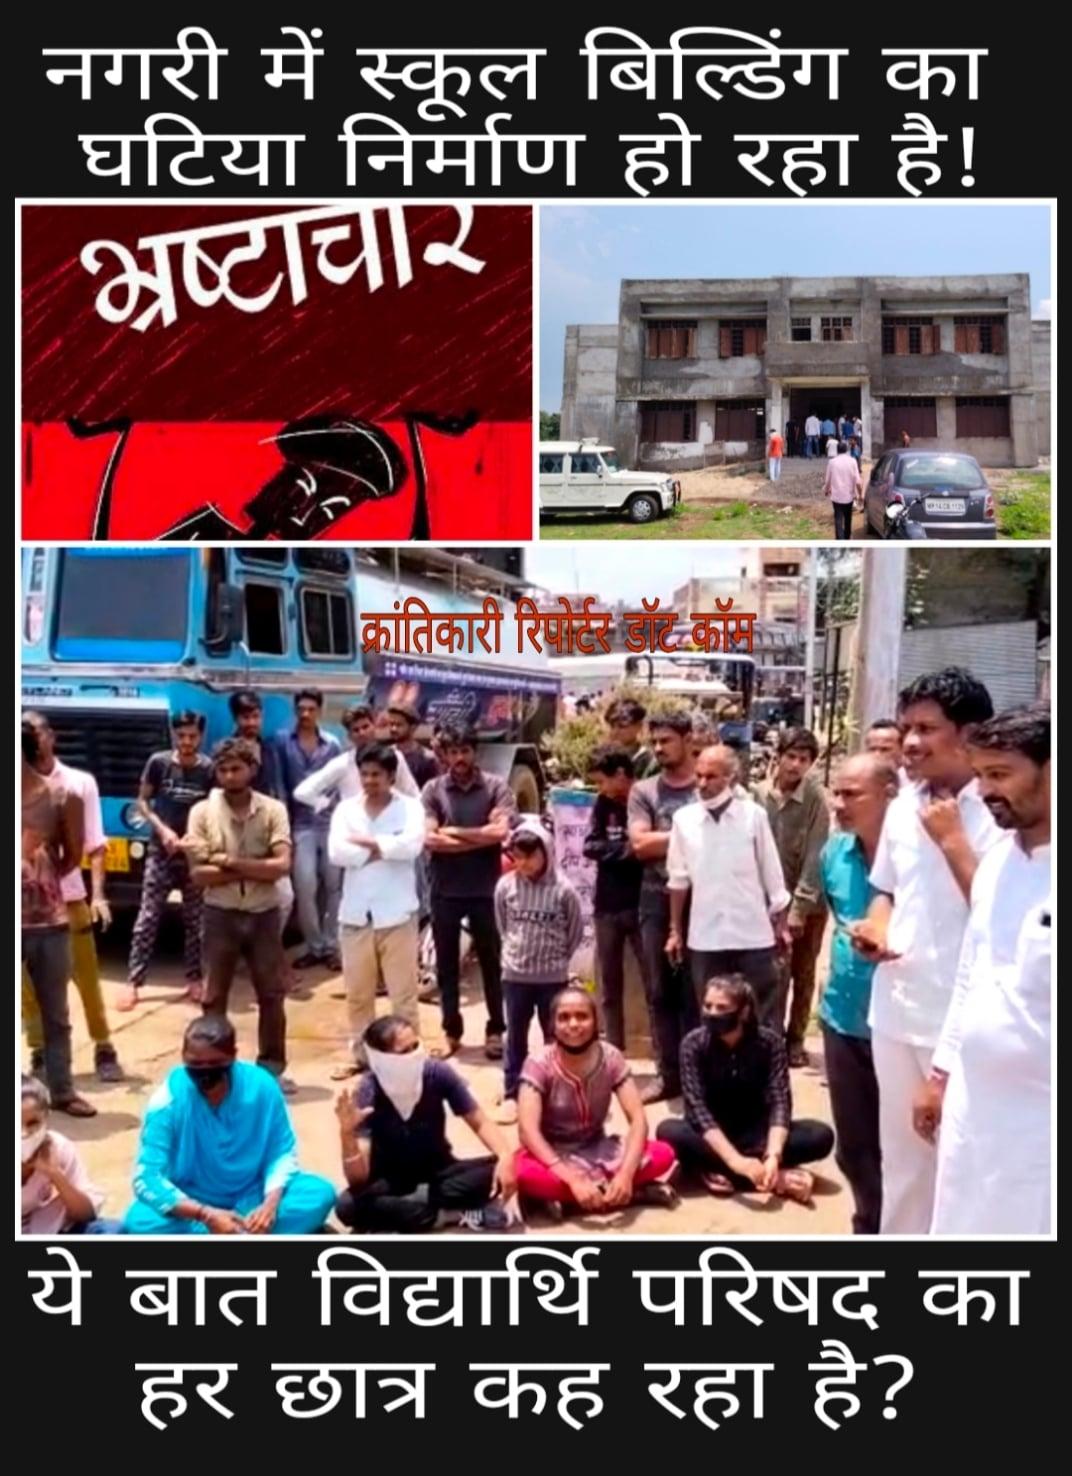 #भ्रष्टाचार की भेंट चढ़ा नगरी का हायर सेकेंडरी स्कूल... अखिल भारतीय विद्यार्थी परिषद को नही ये मंजूर...!